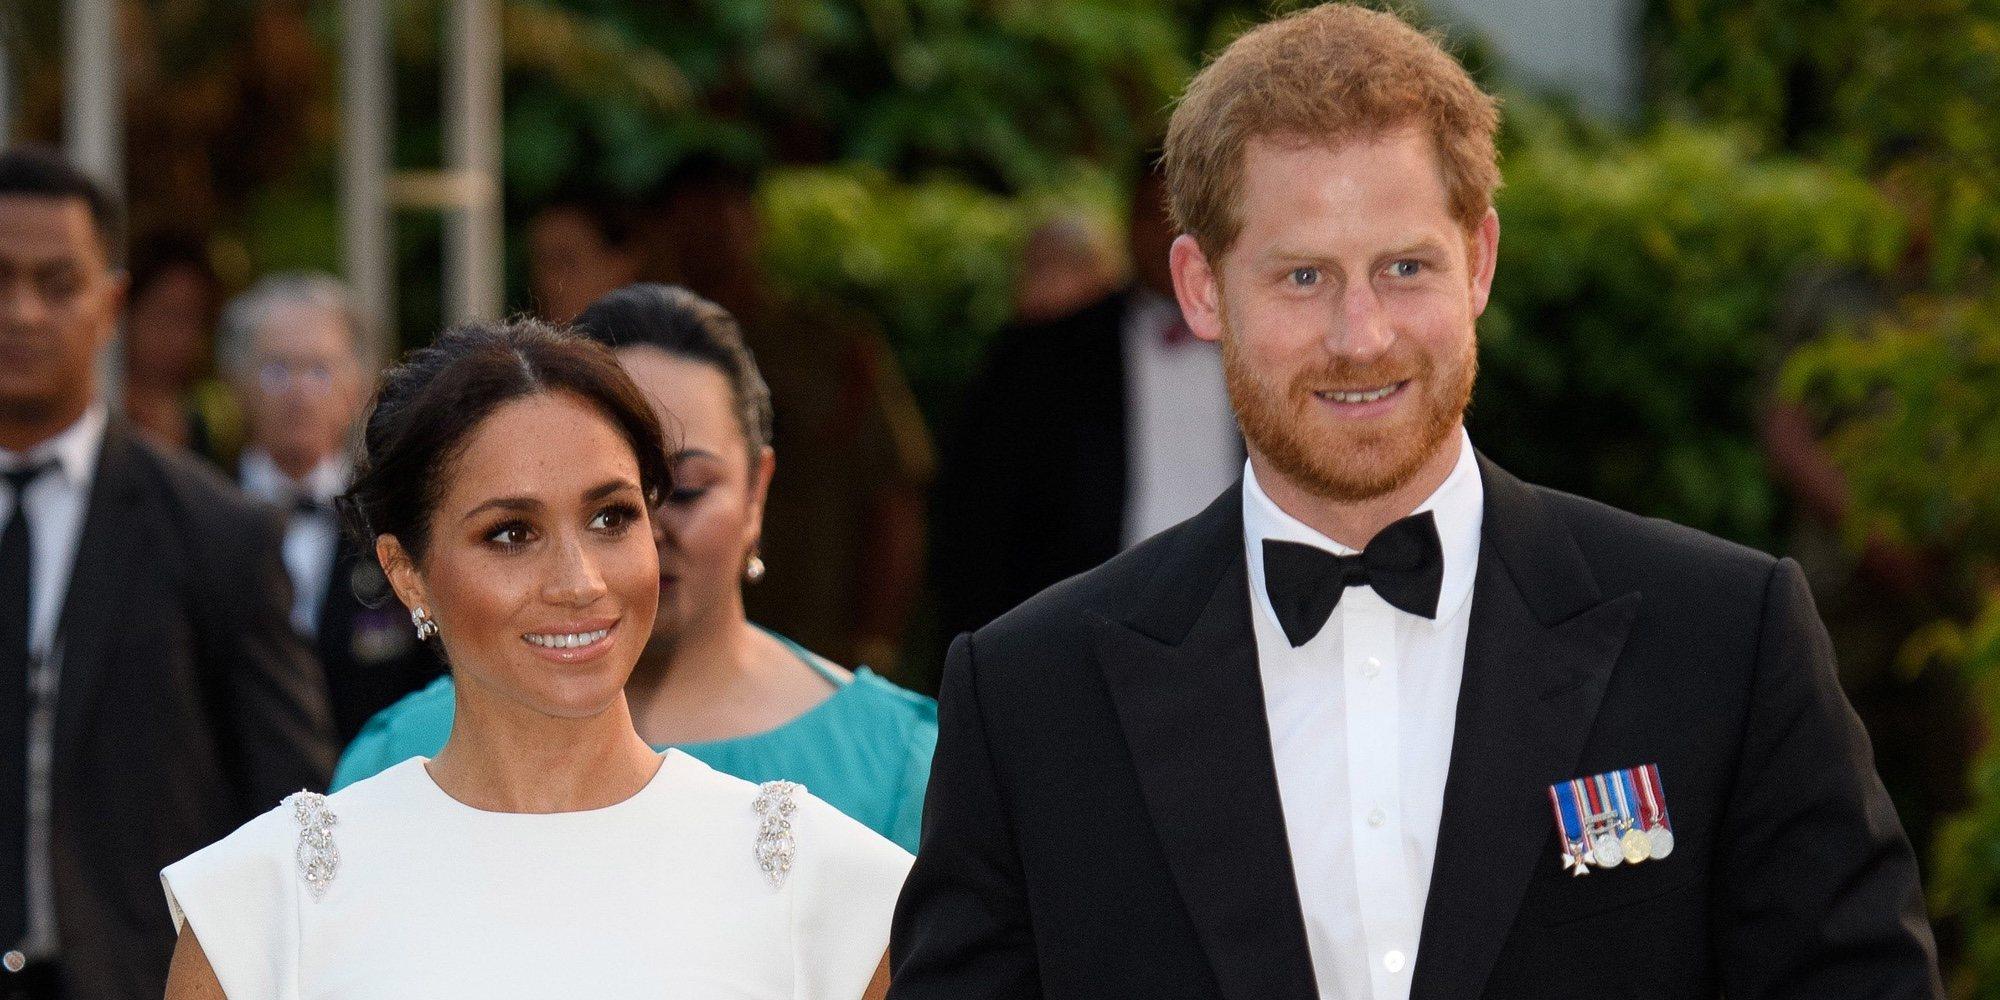 El Príncipe Harry y Meghan Markle entregan una lista a sus vecinos de cosas que no pueden hacer